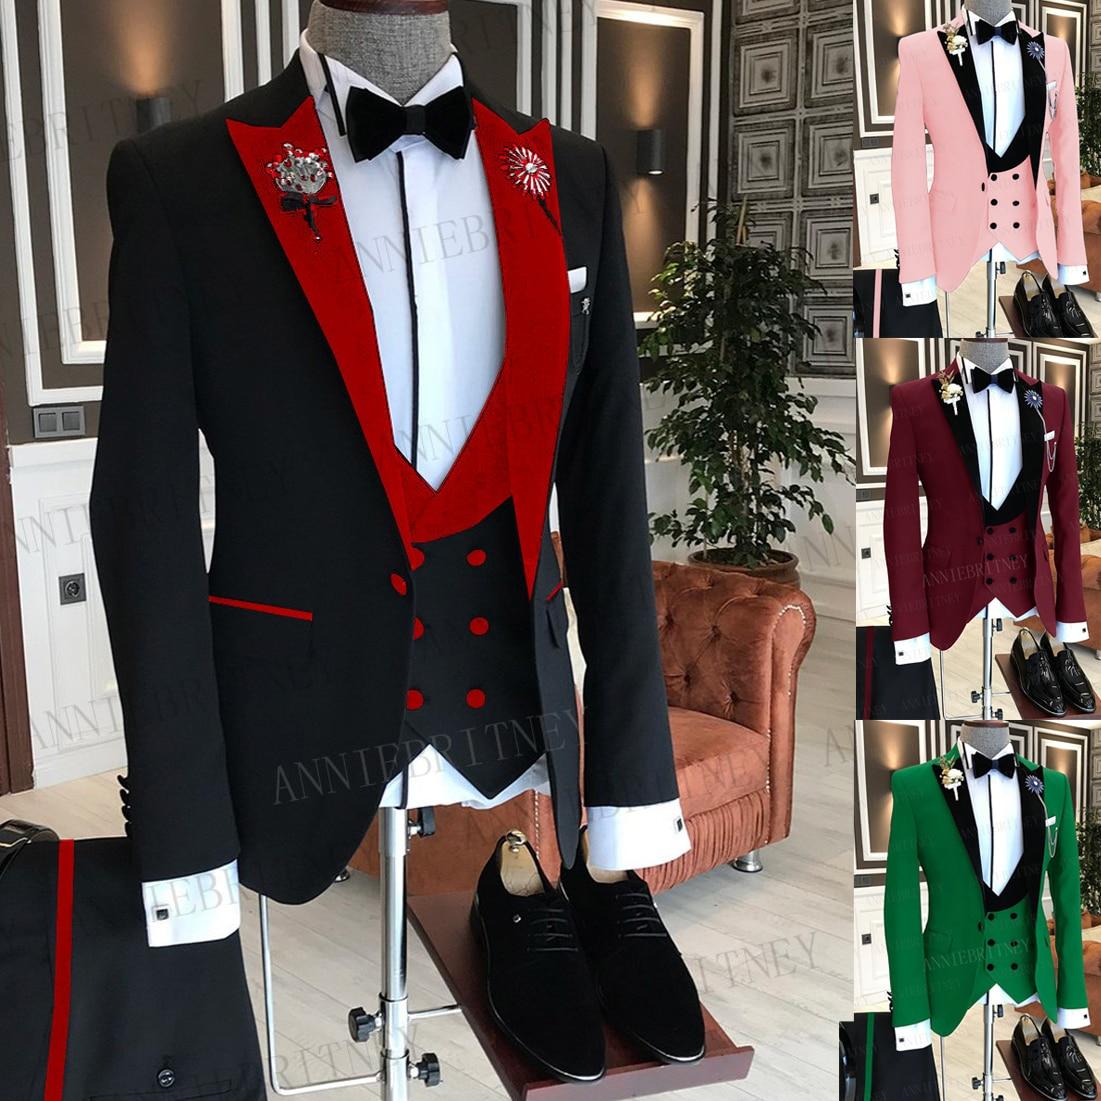 بدلة رجالية رسمية للعمل من 3 قطع جاكيت رجالي مخصص موضة زفاف بدلة سهرة حمراء مخملية طية صدر السترة سترة وسروال 2021